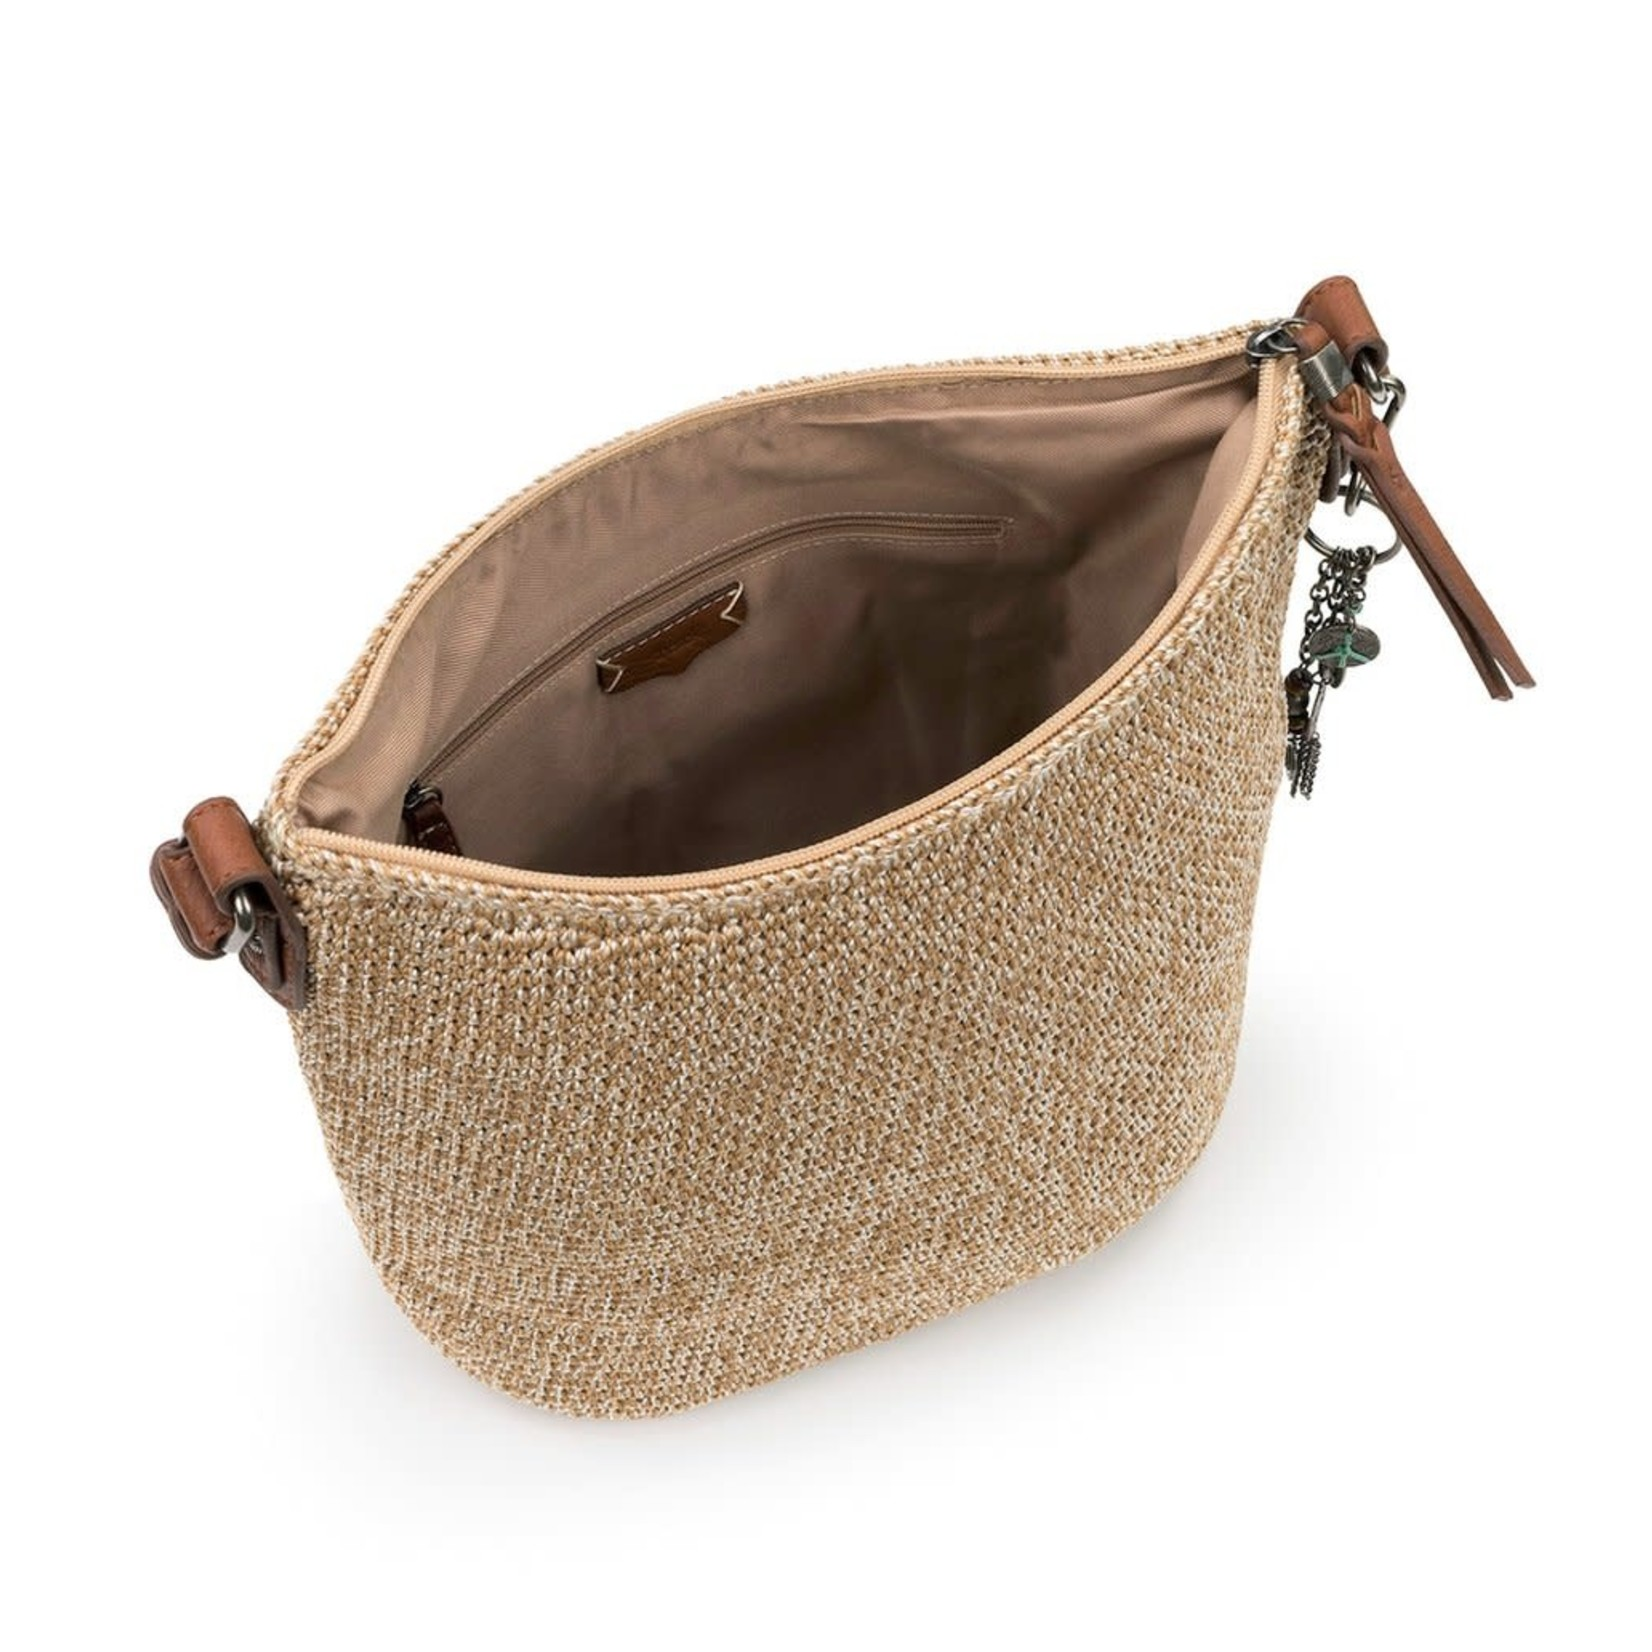 The Sak Sequoia Crochet Hobo - Bamboo Static